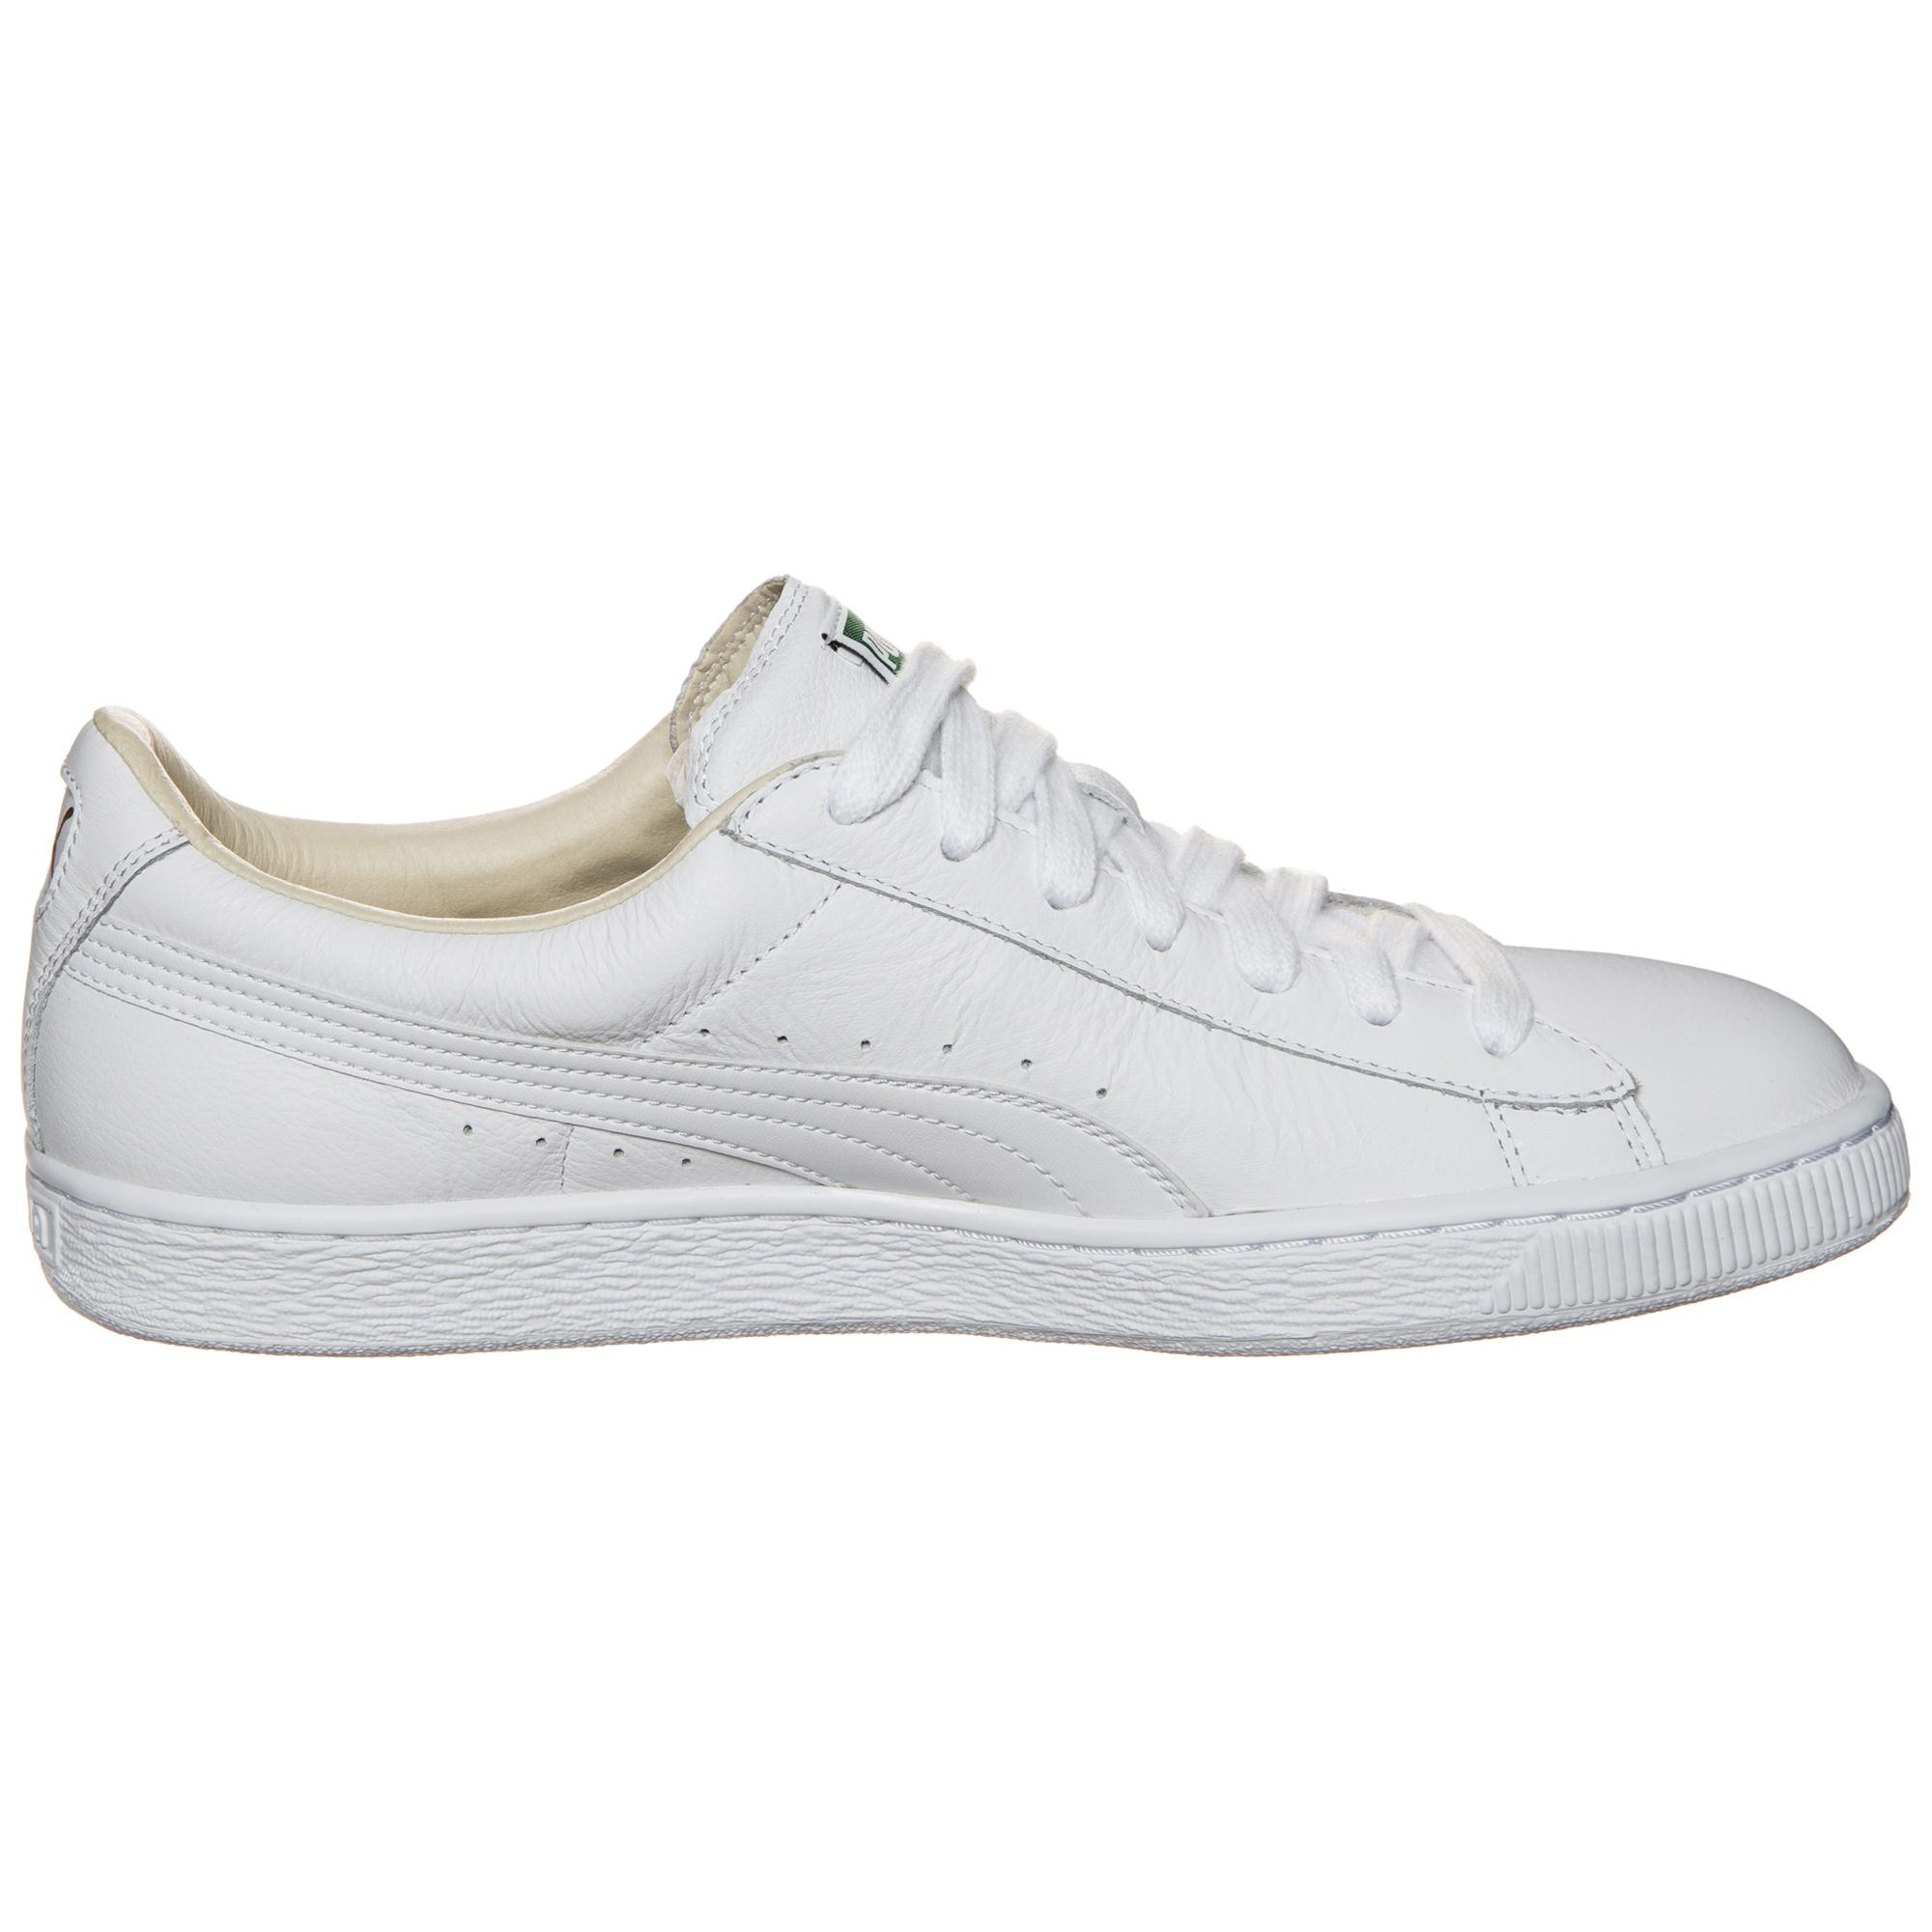 PUMA Basket Basket Basket Classic LFS Turnschuhe Herren weiß im Online Shop von SportScheck kaufen Gute Qualität beliebte Schuhe 4e218d